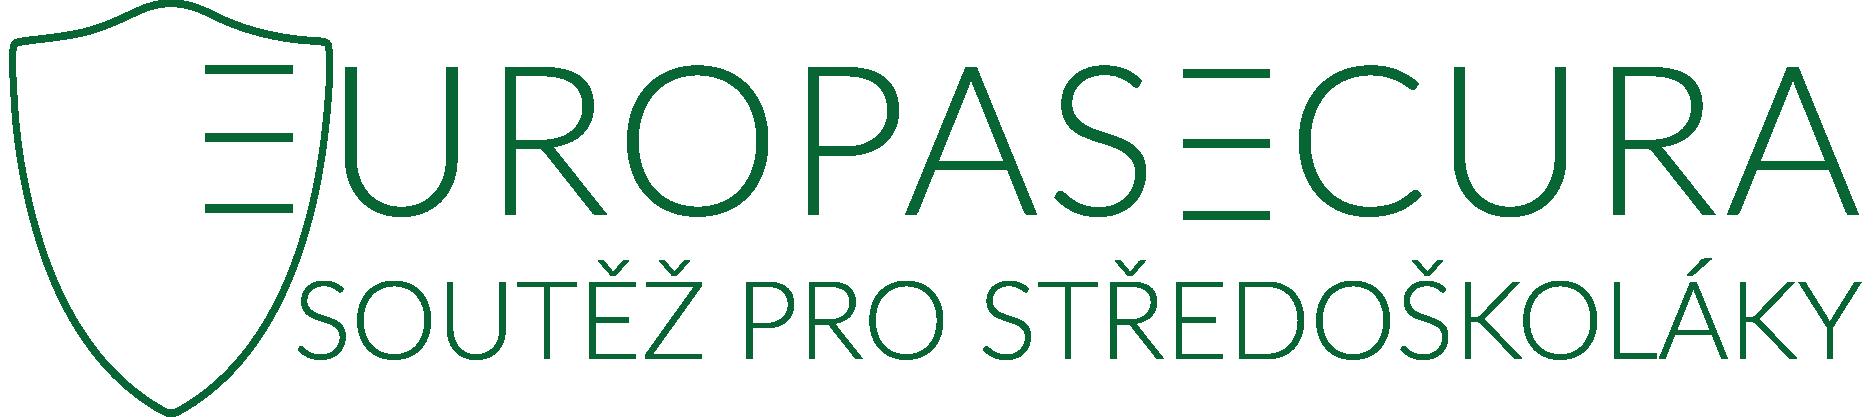 Logo EuropaSecura